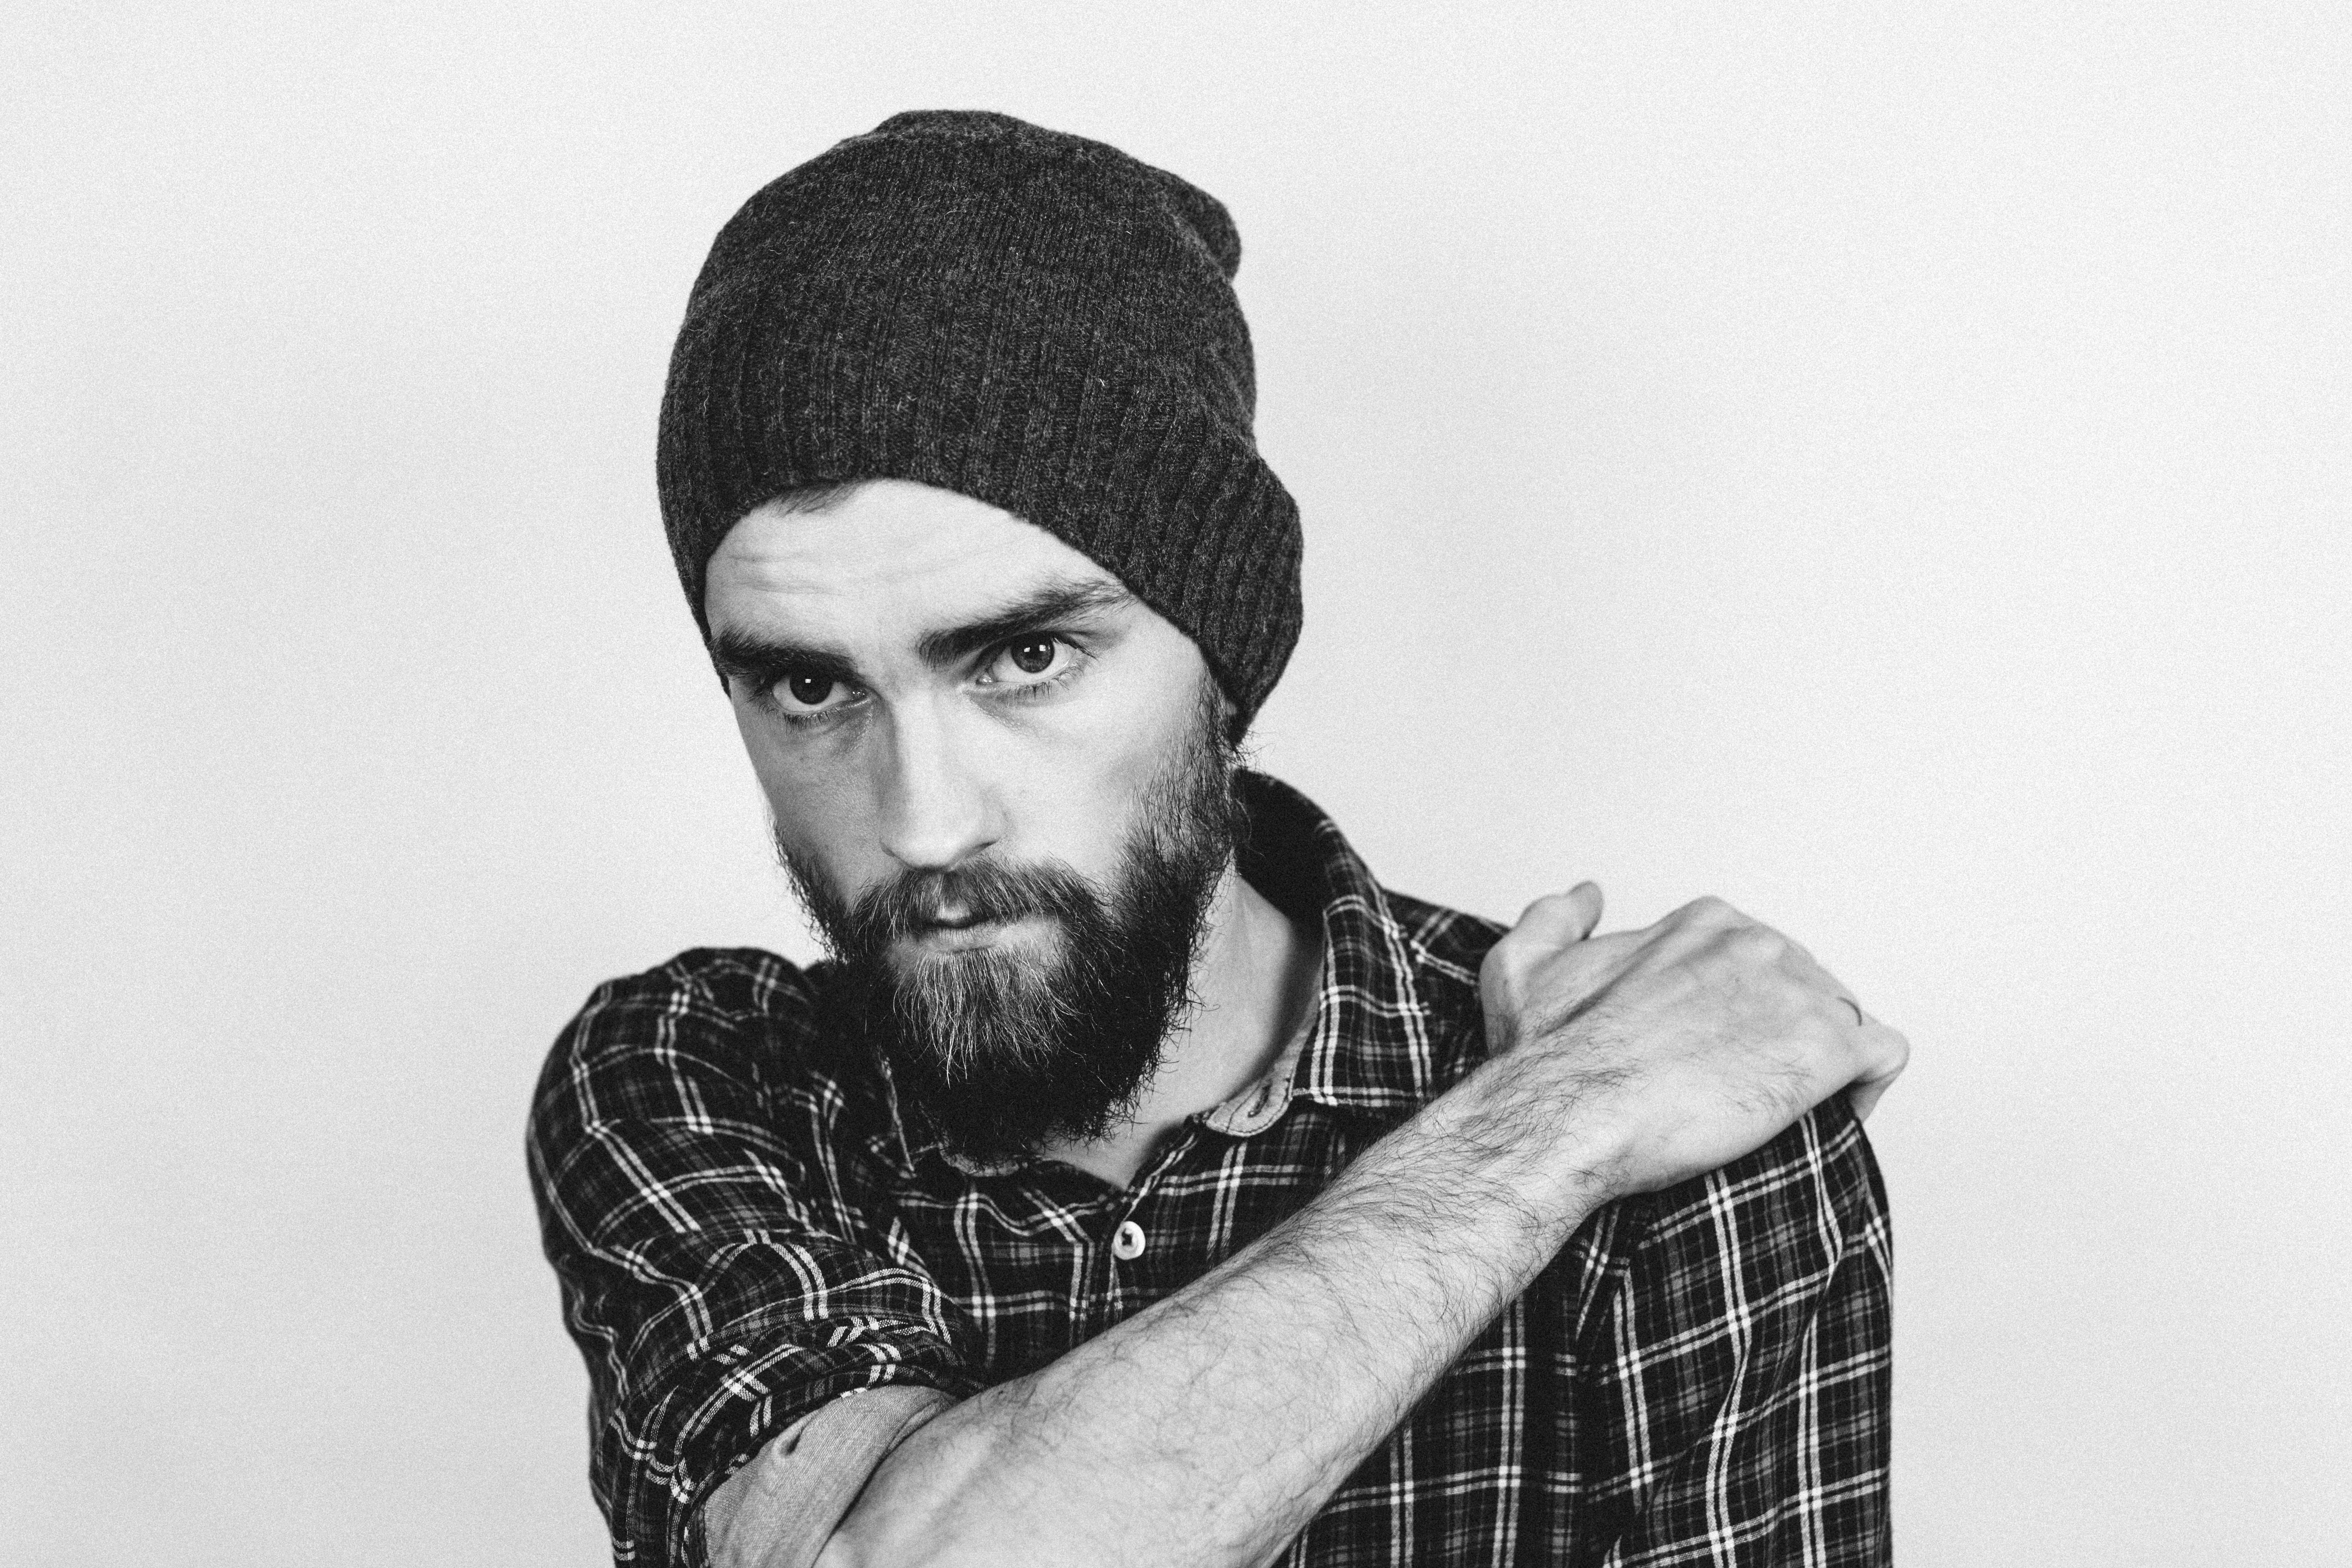 Fotos gratis : mano, hombre, persona, en blanco y negro, cabello ...